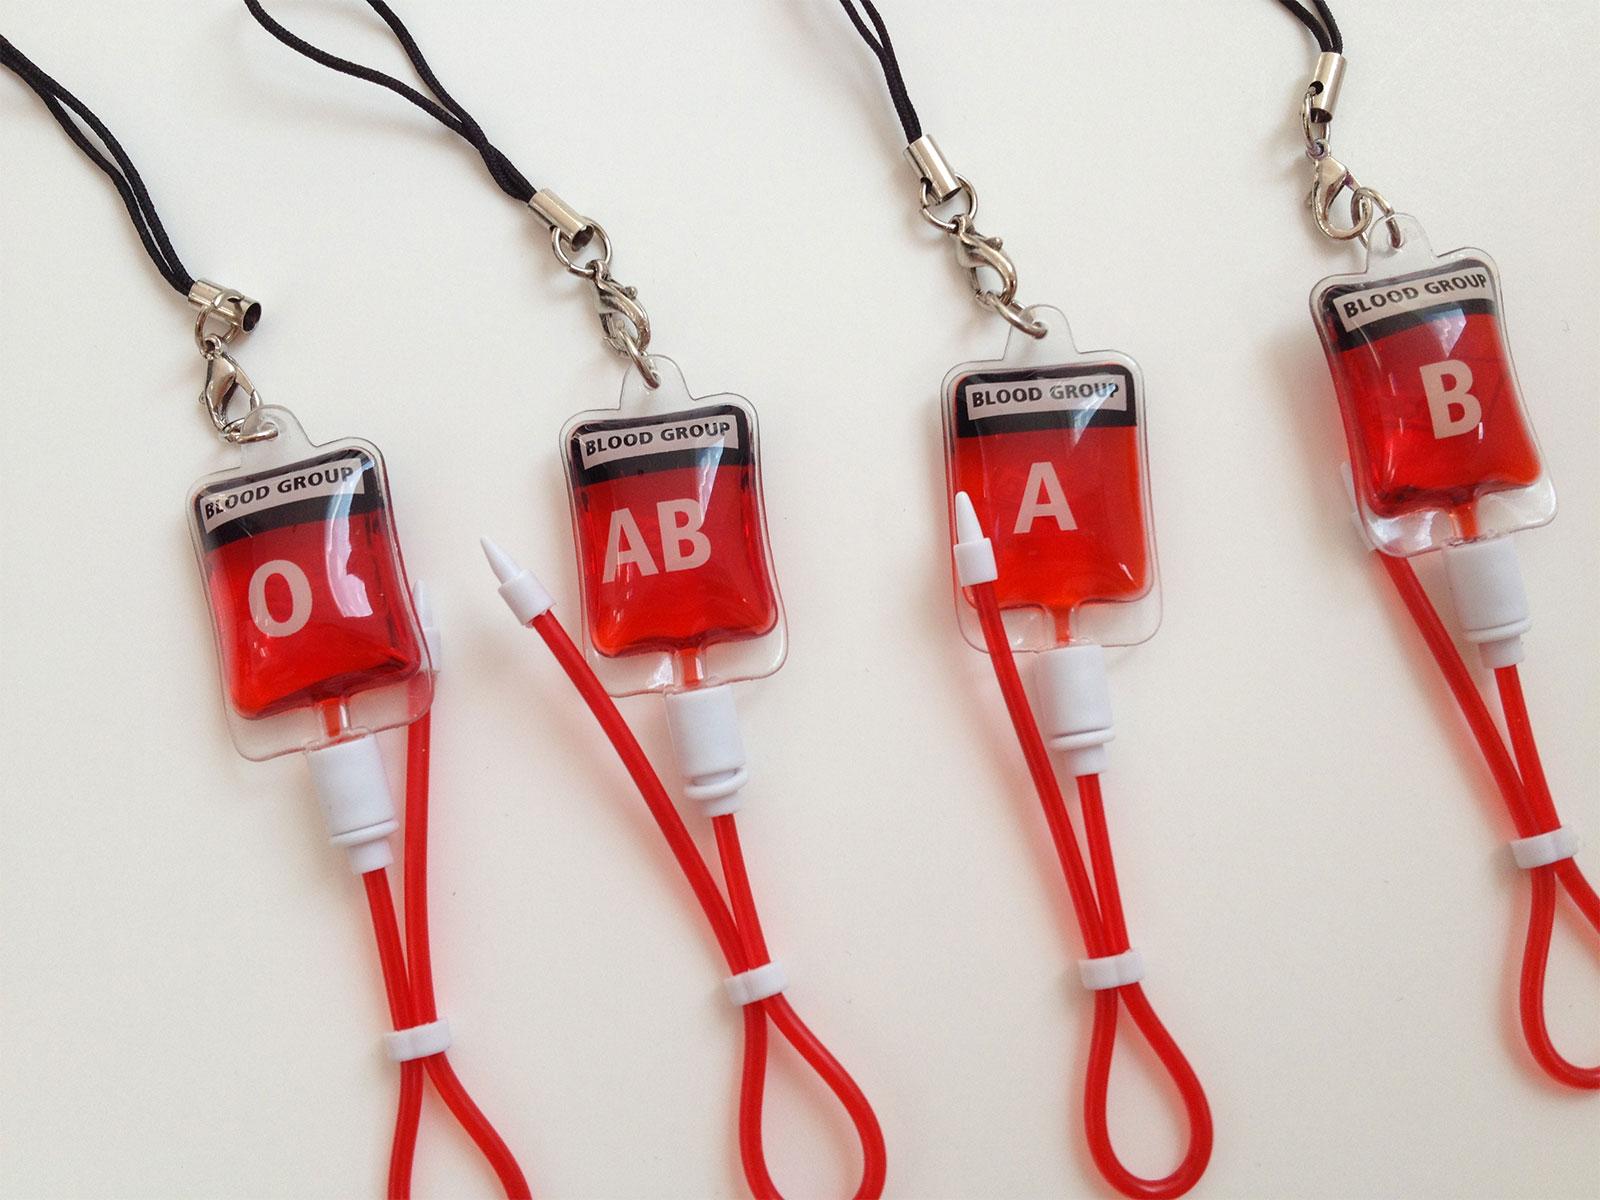 группа крови, питер дадамо